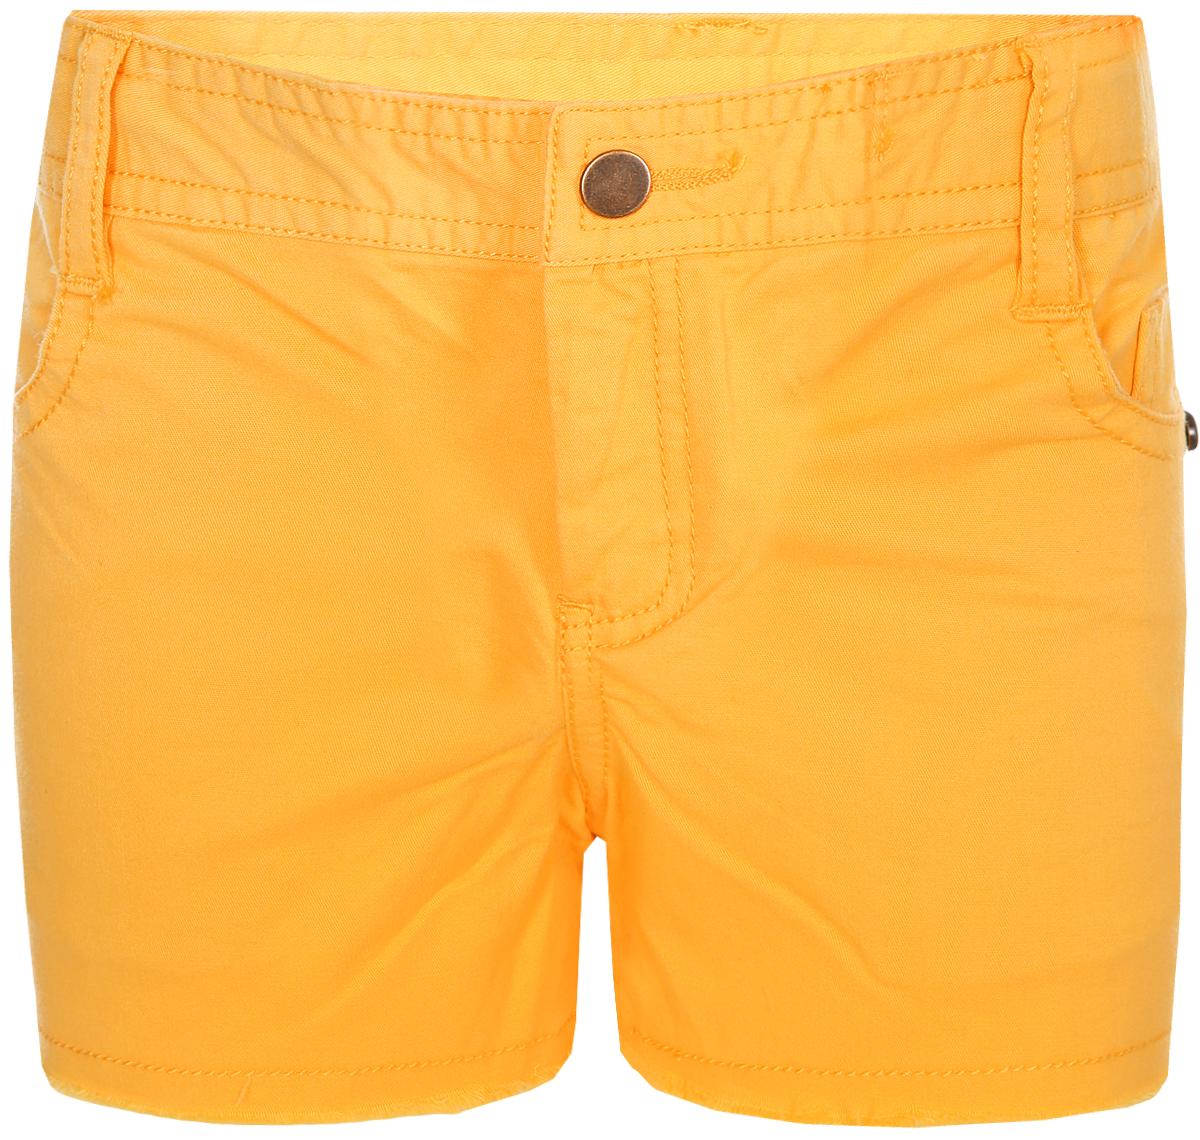 Шорты для девочки Sela, цвет: желтый. SH-515/524-8224. Размер 110, 5 лет